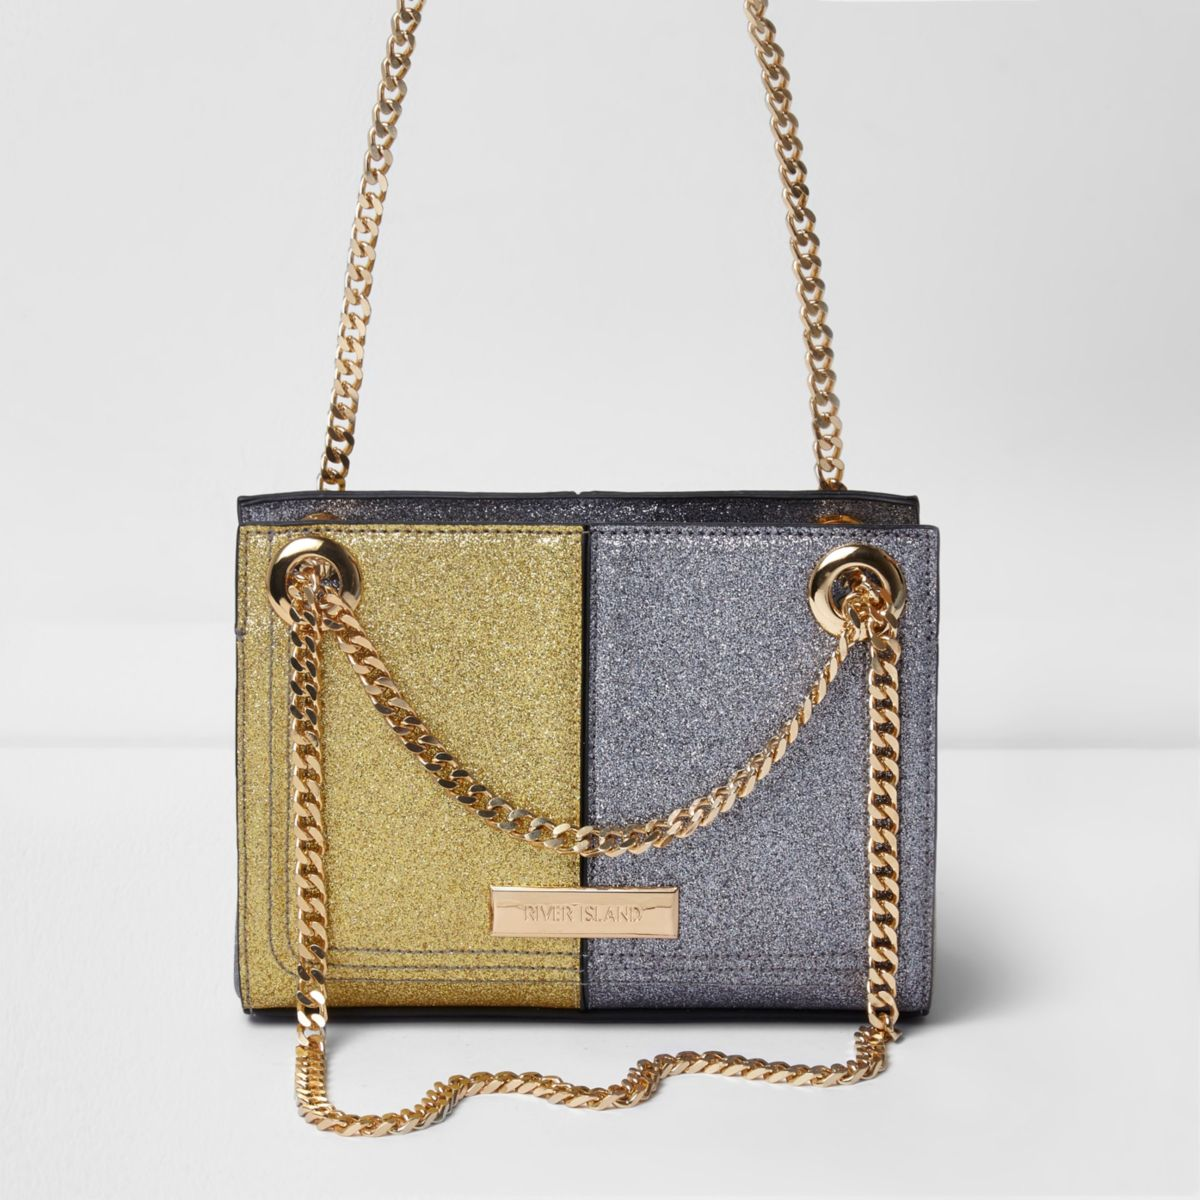 Gold and silver glitter mini chain bag